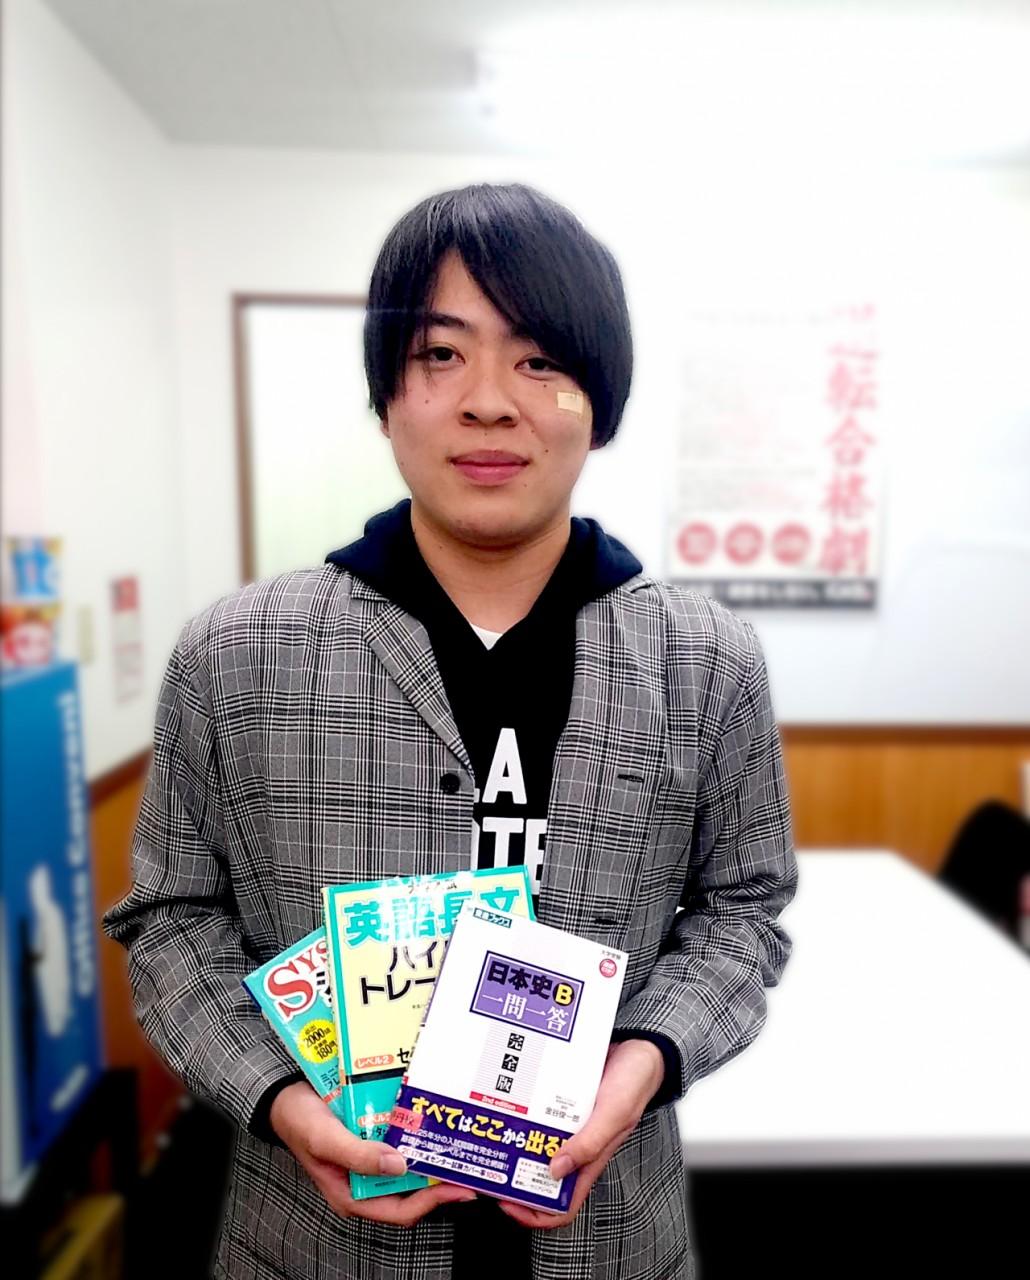 報徳学園高校出身 大阪経済大学に逆転合格